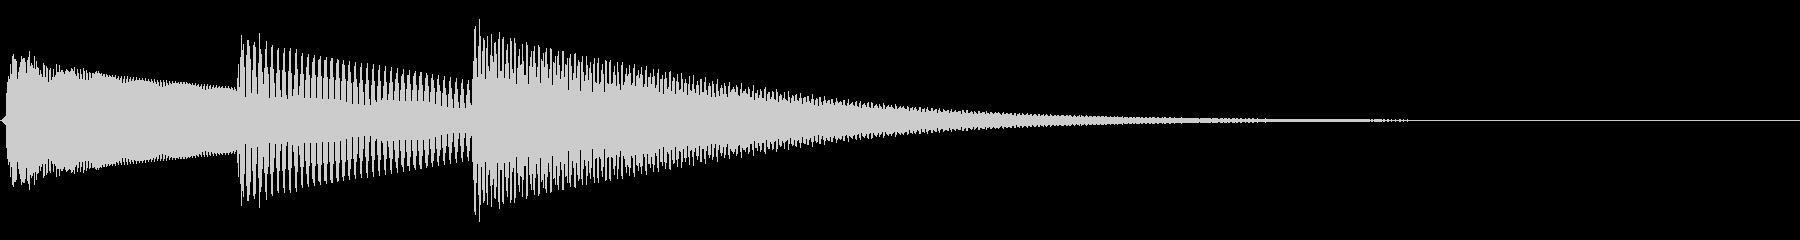 ピロリン。シンプルな着信音 通信音の未再生の波形